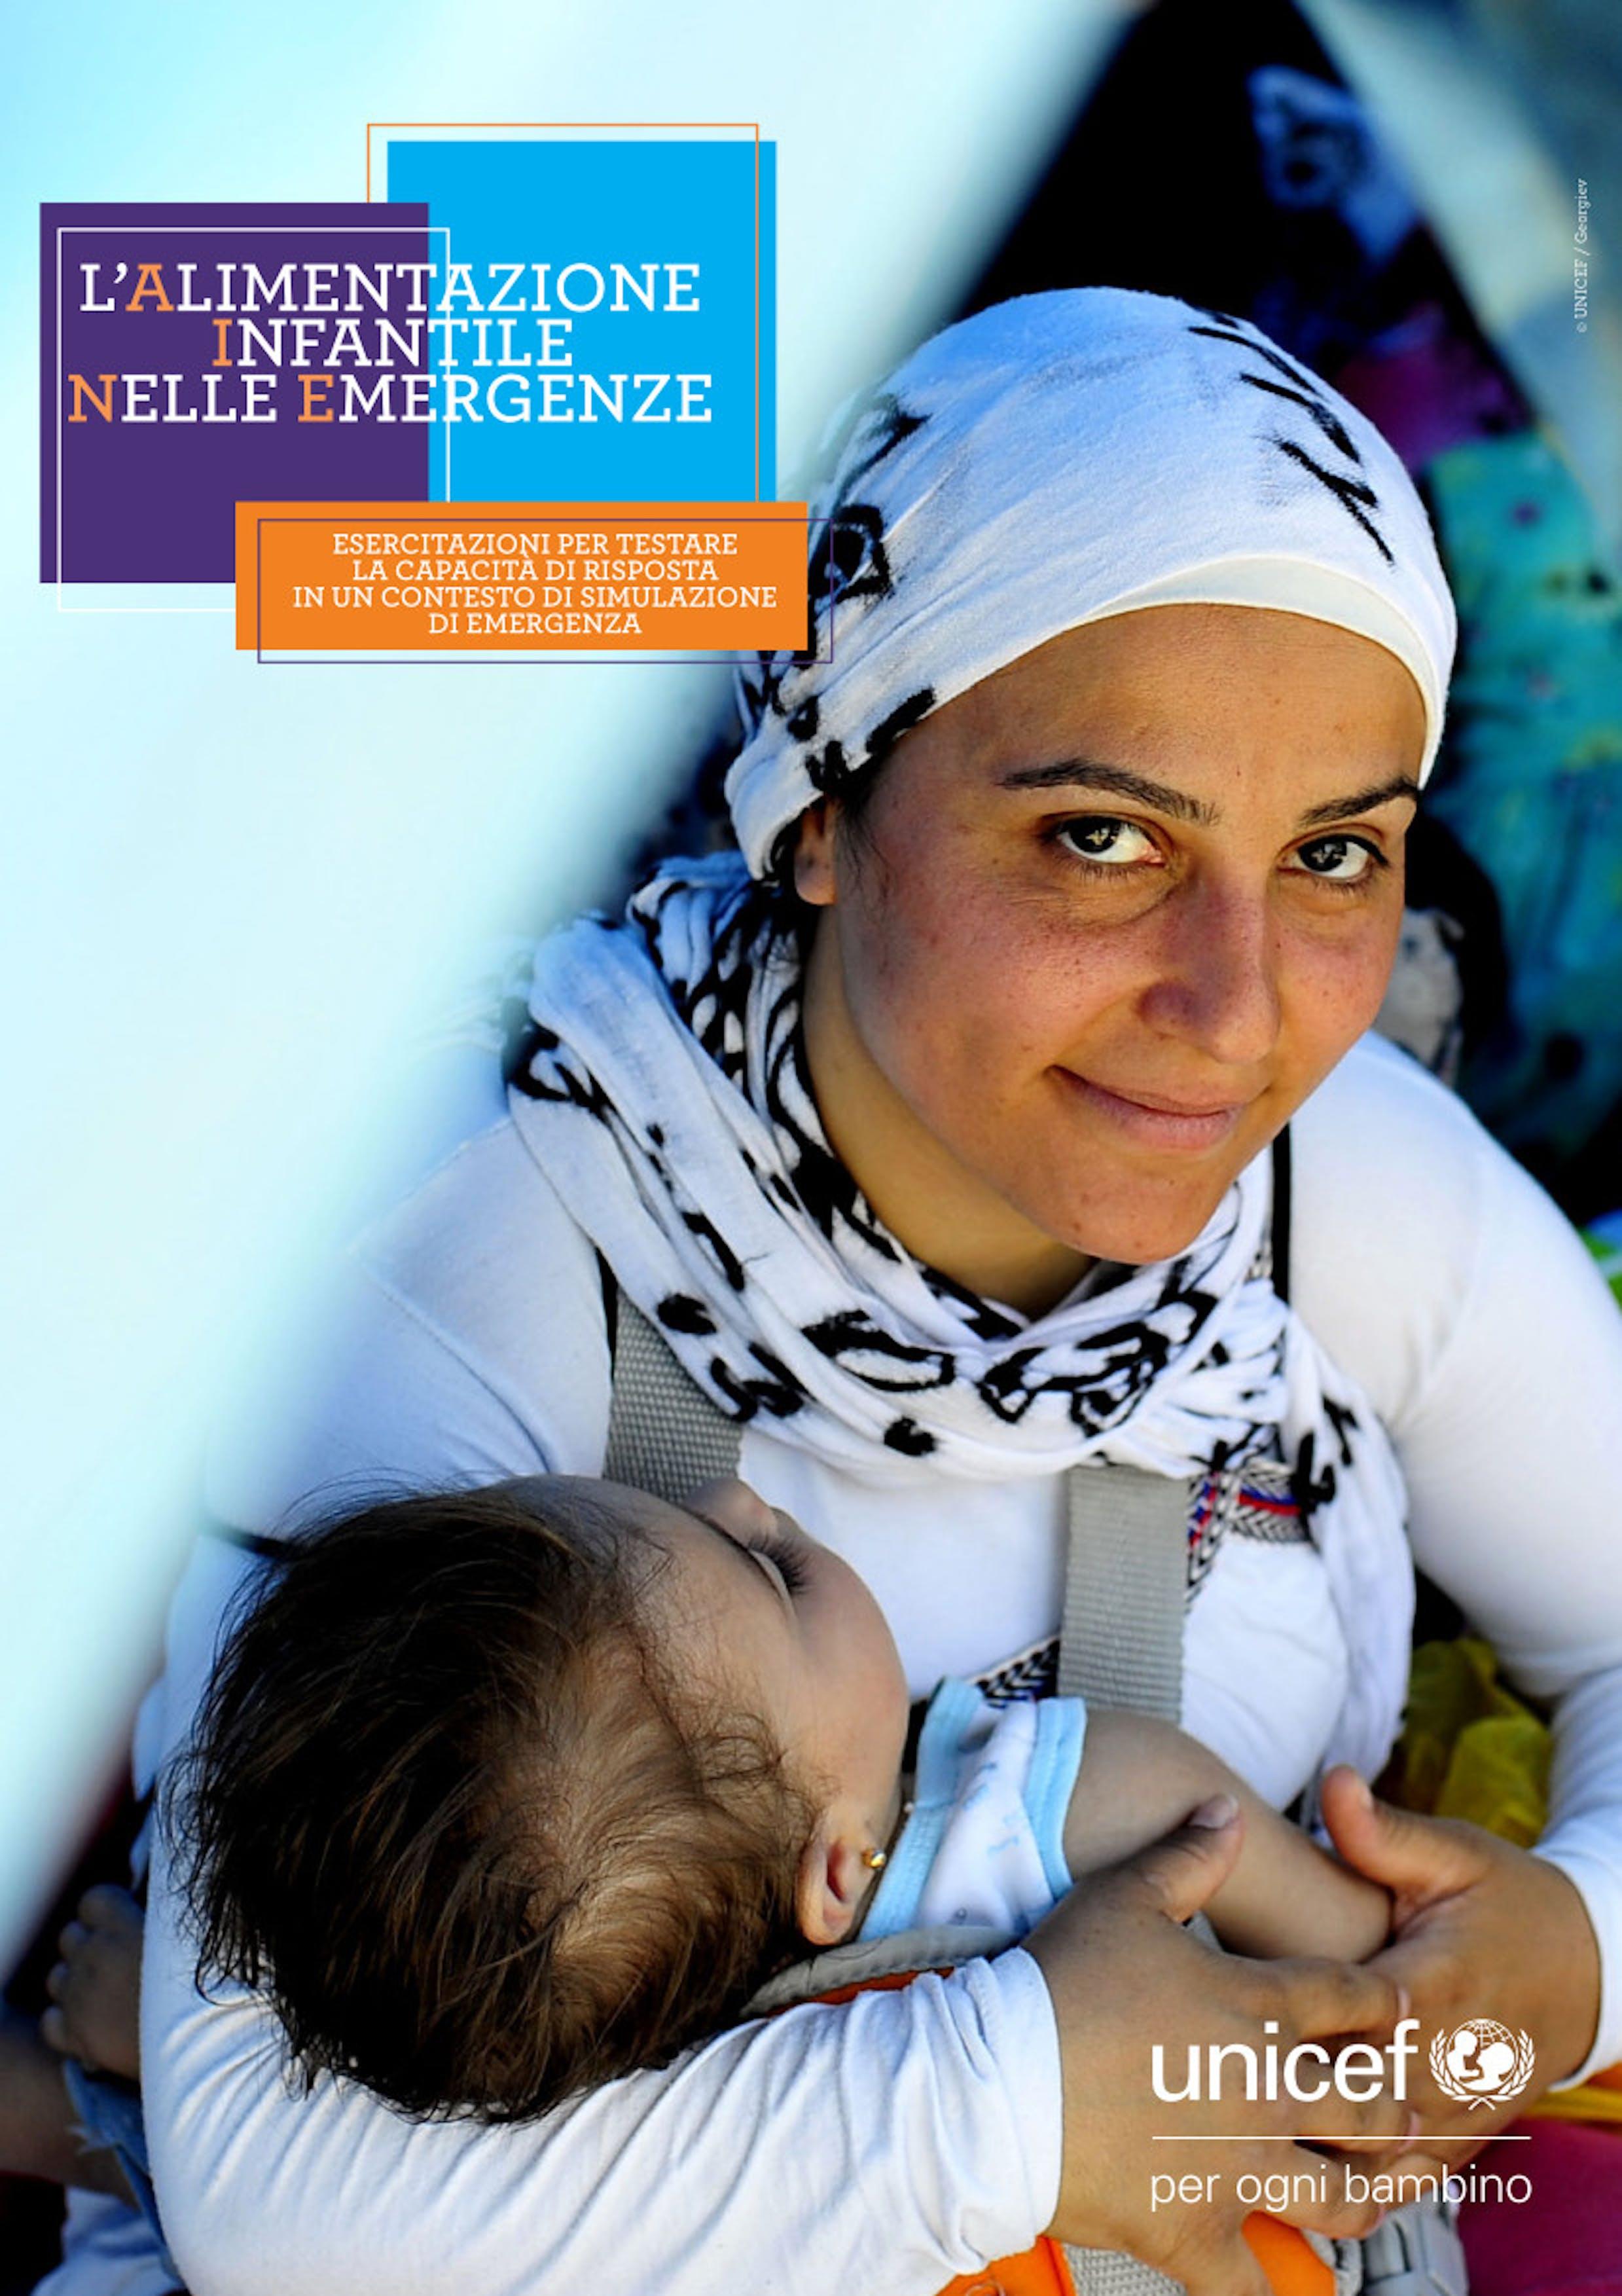 alimentazione neonati, emergenze